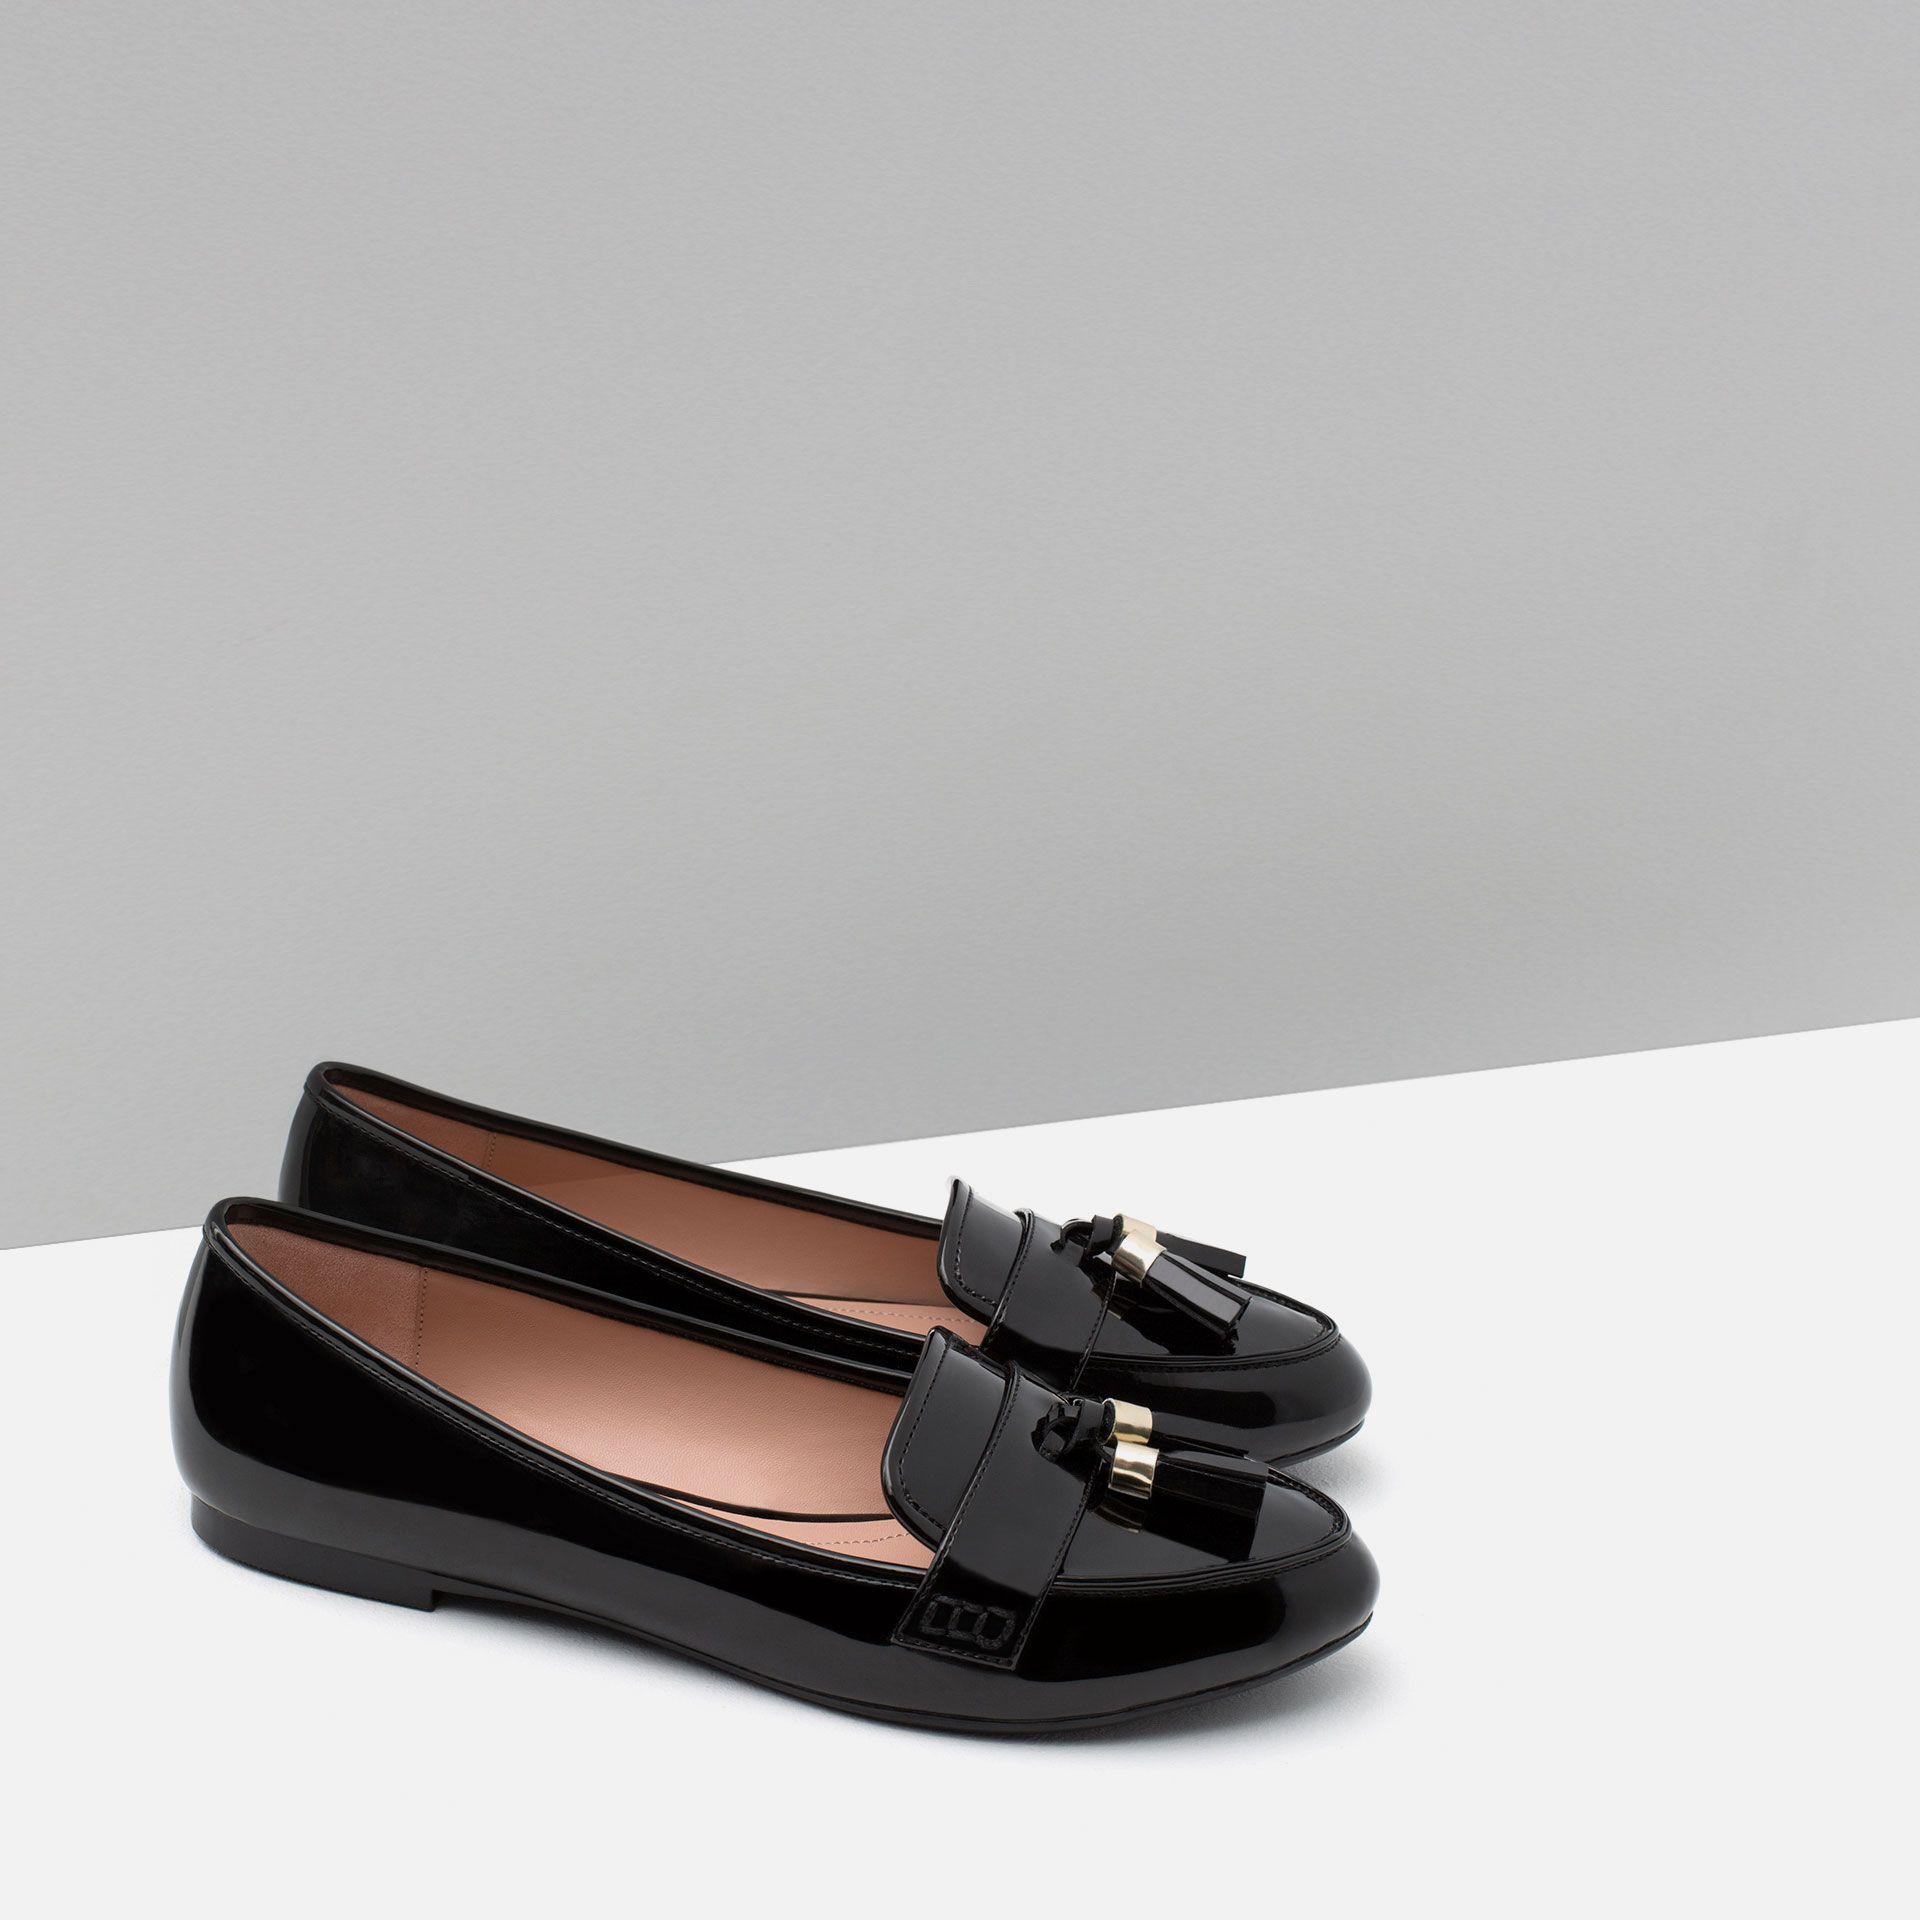 2b5f98e0802 MOCASSIM BORLA - Ver tudo - Sapatos - MULHER